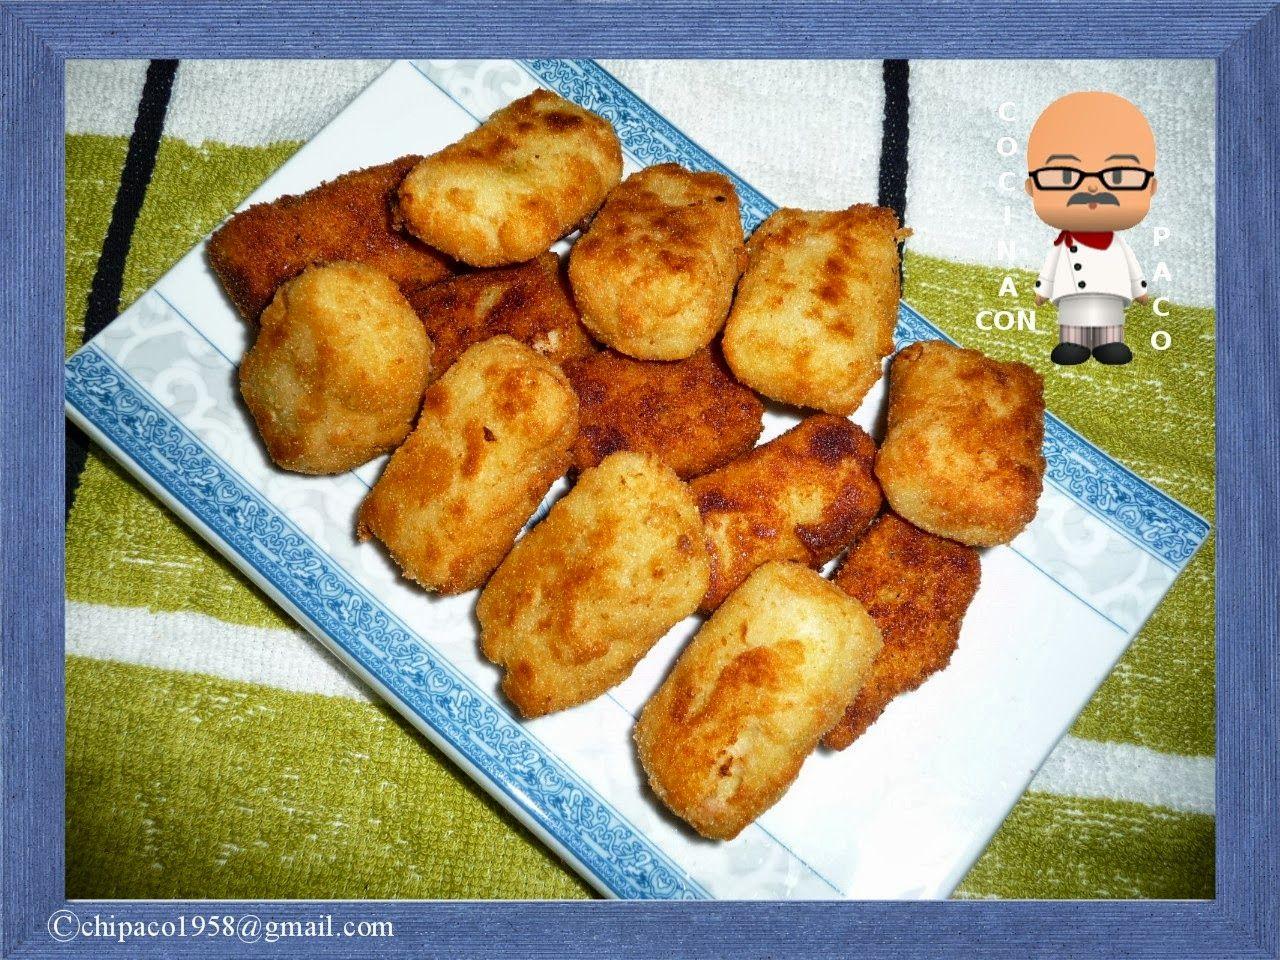 Cocina con paco croquetas de pollo jam n y calabac n - Cocina con paco ...